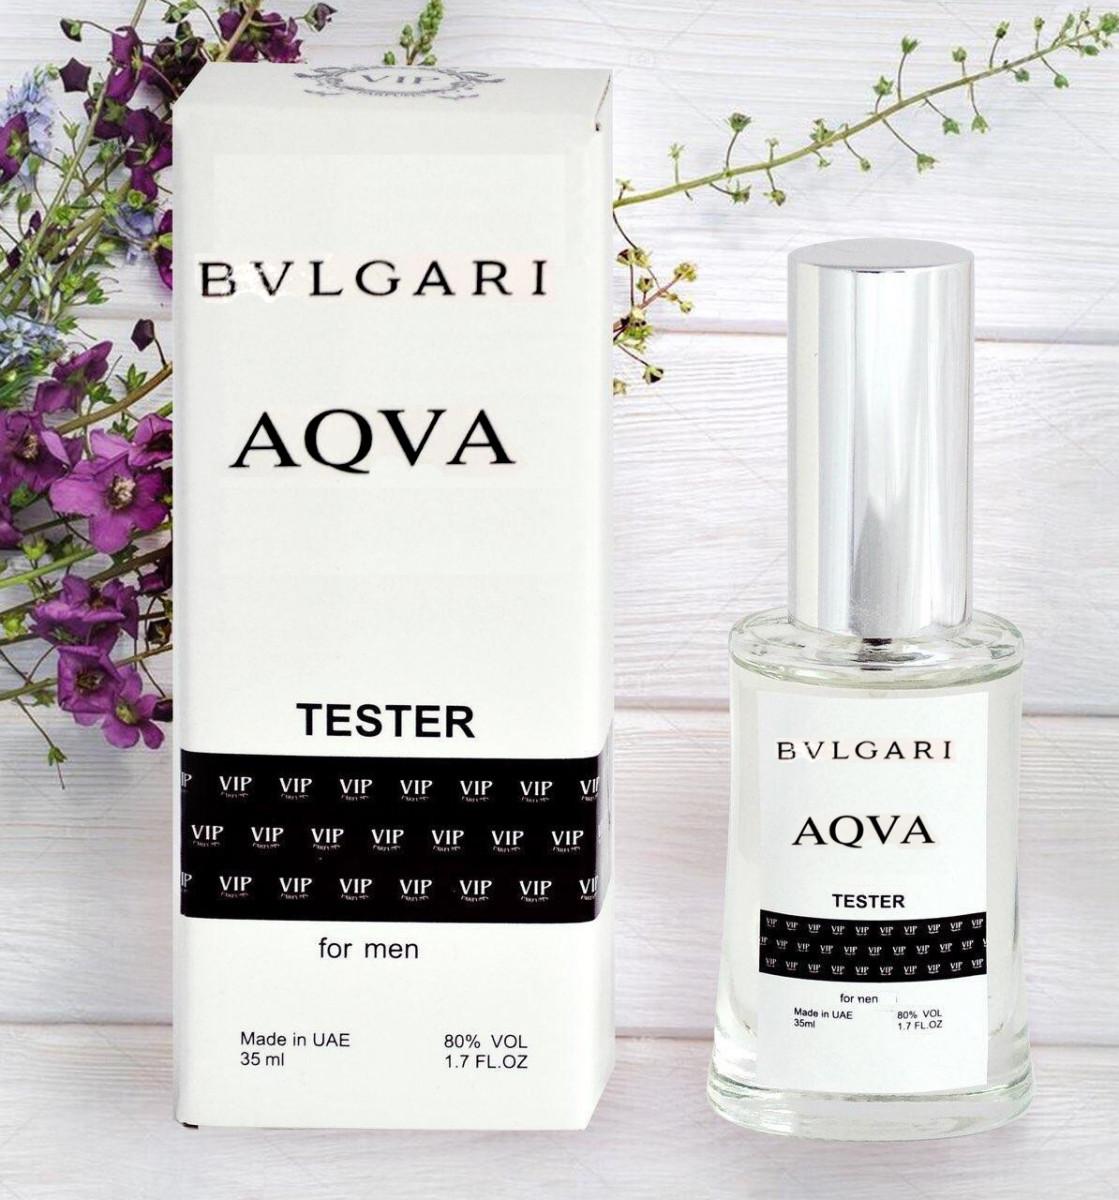 Bvlgari Aqva pour homme - Tester 35ml